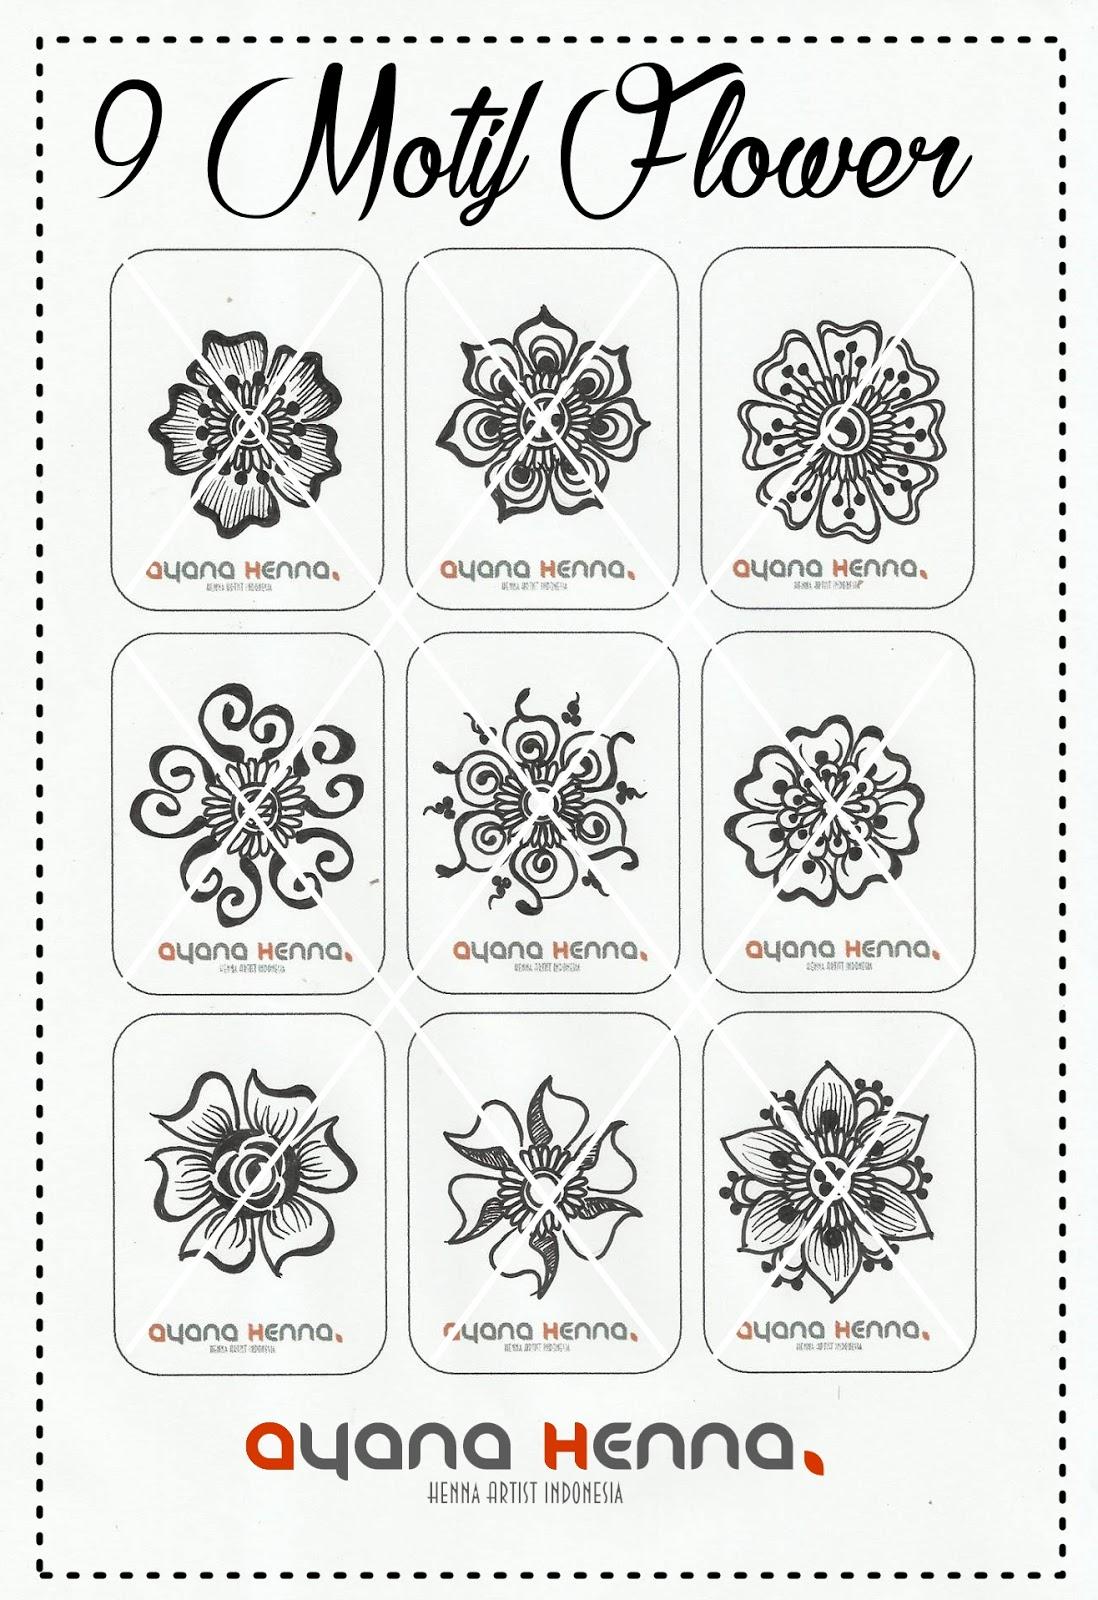 9 Motif Bunga Ayana Henna